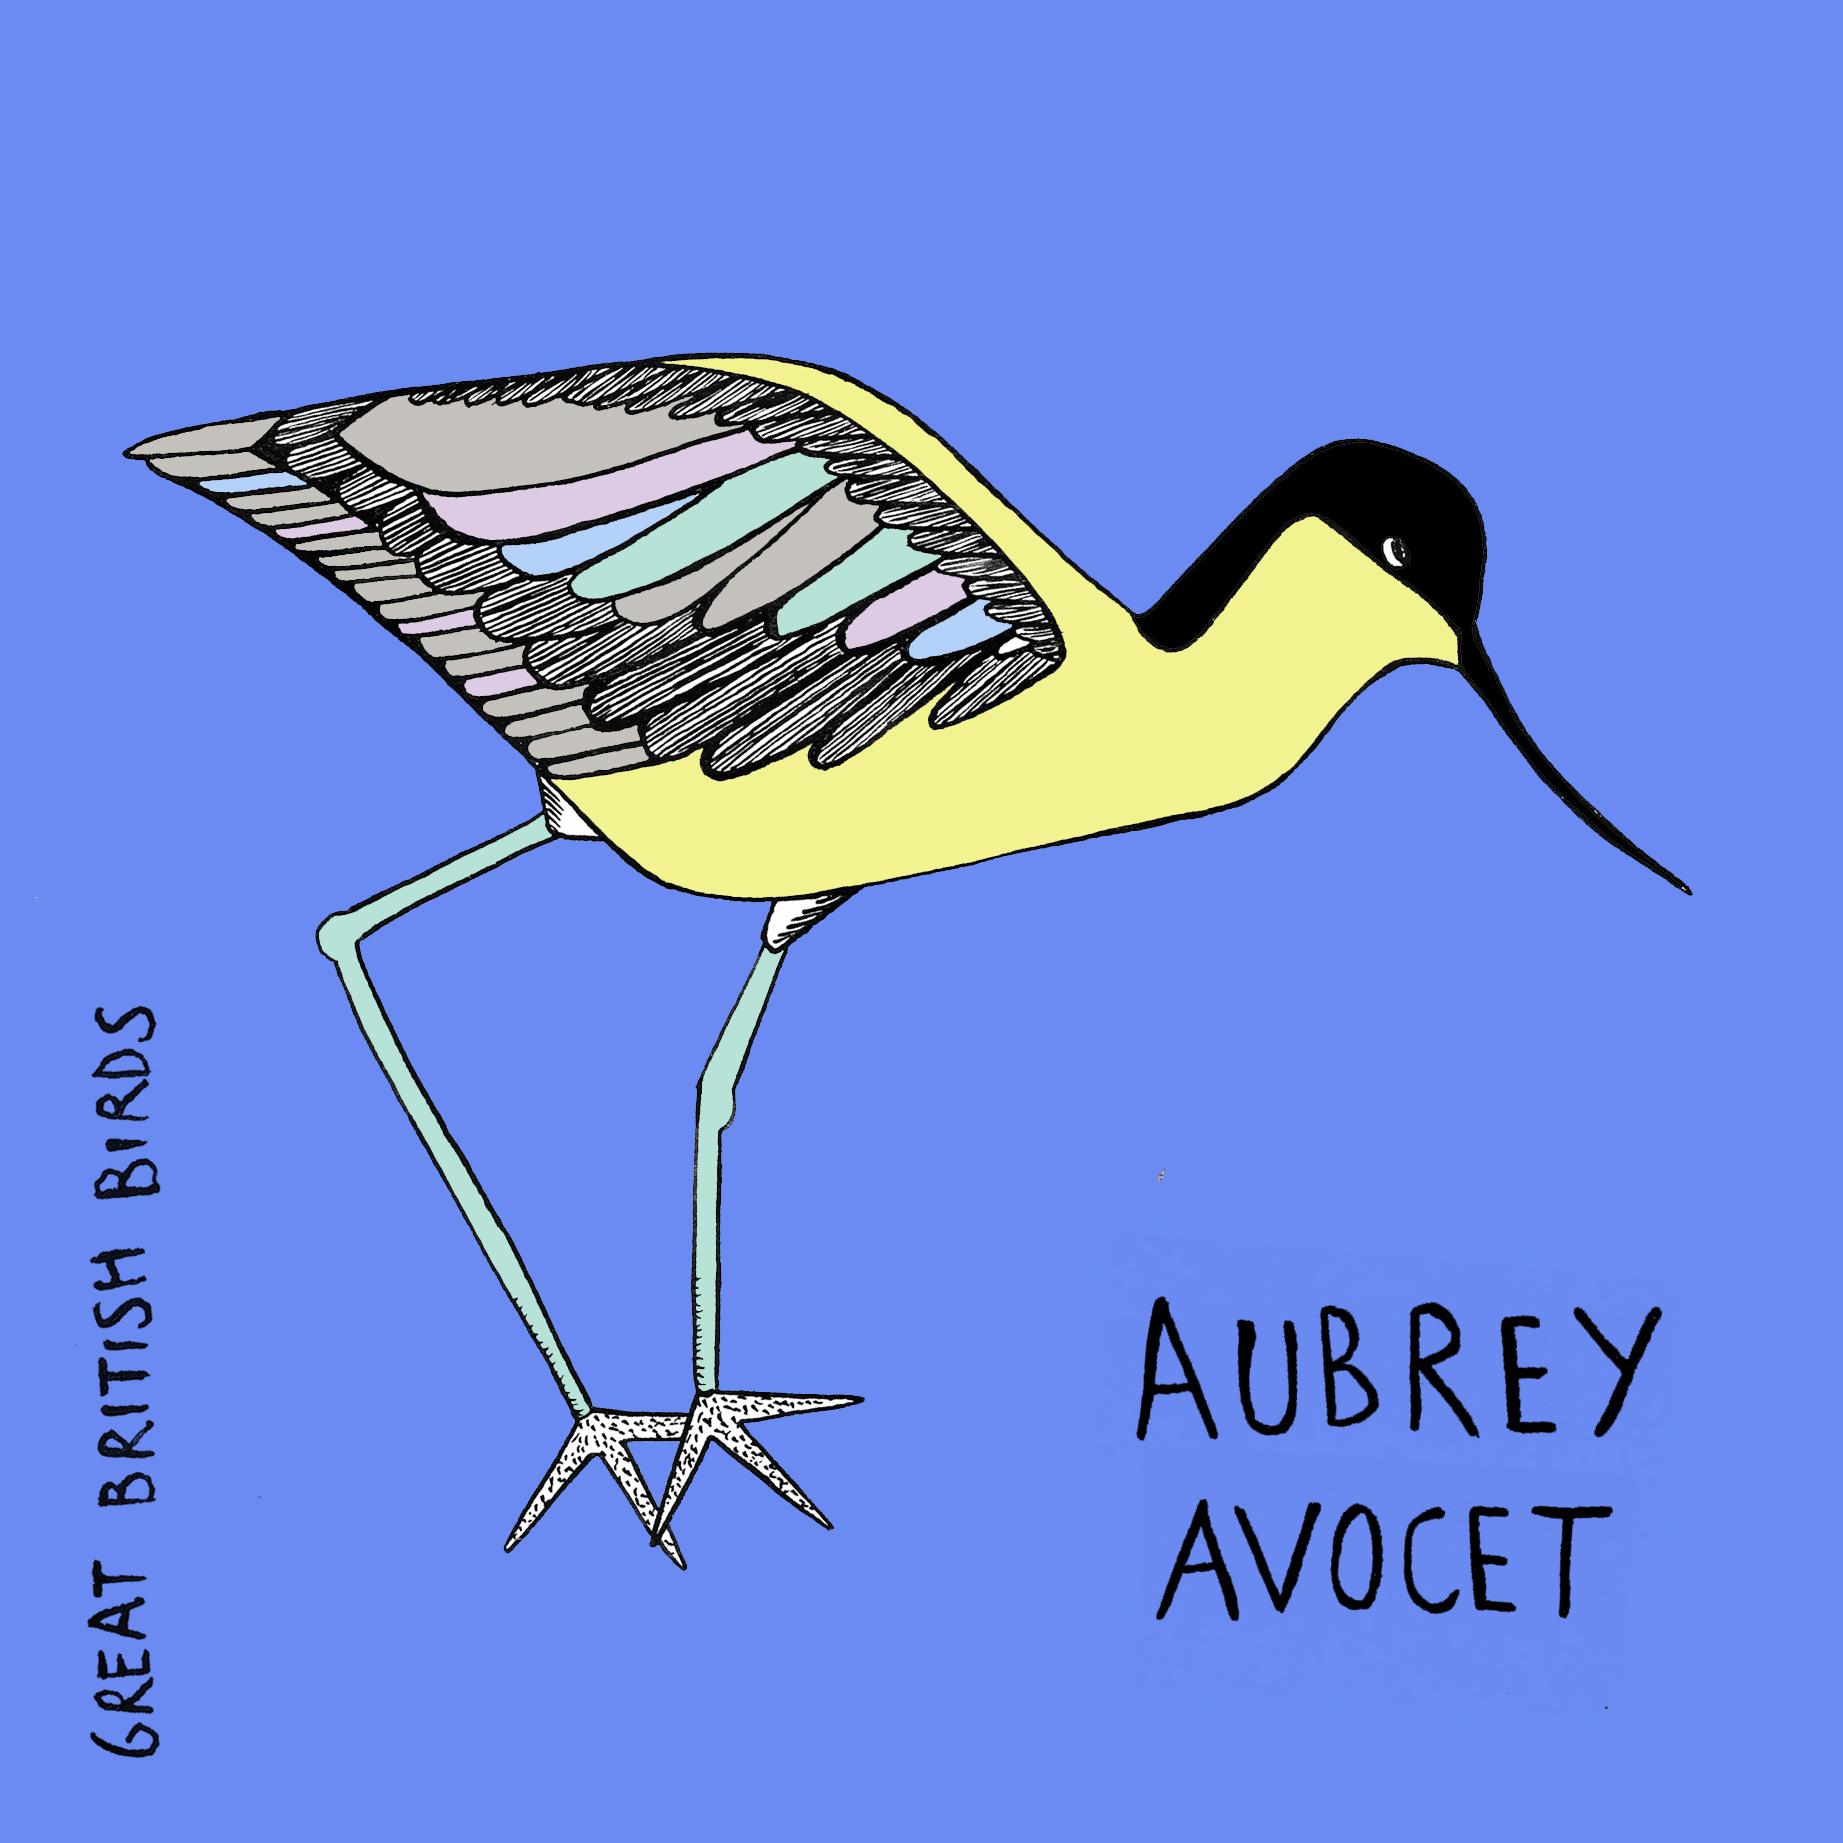 BIRDS_Aubrey_Avocet_Card.jpg